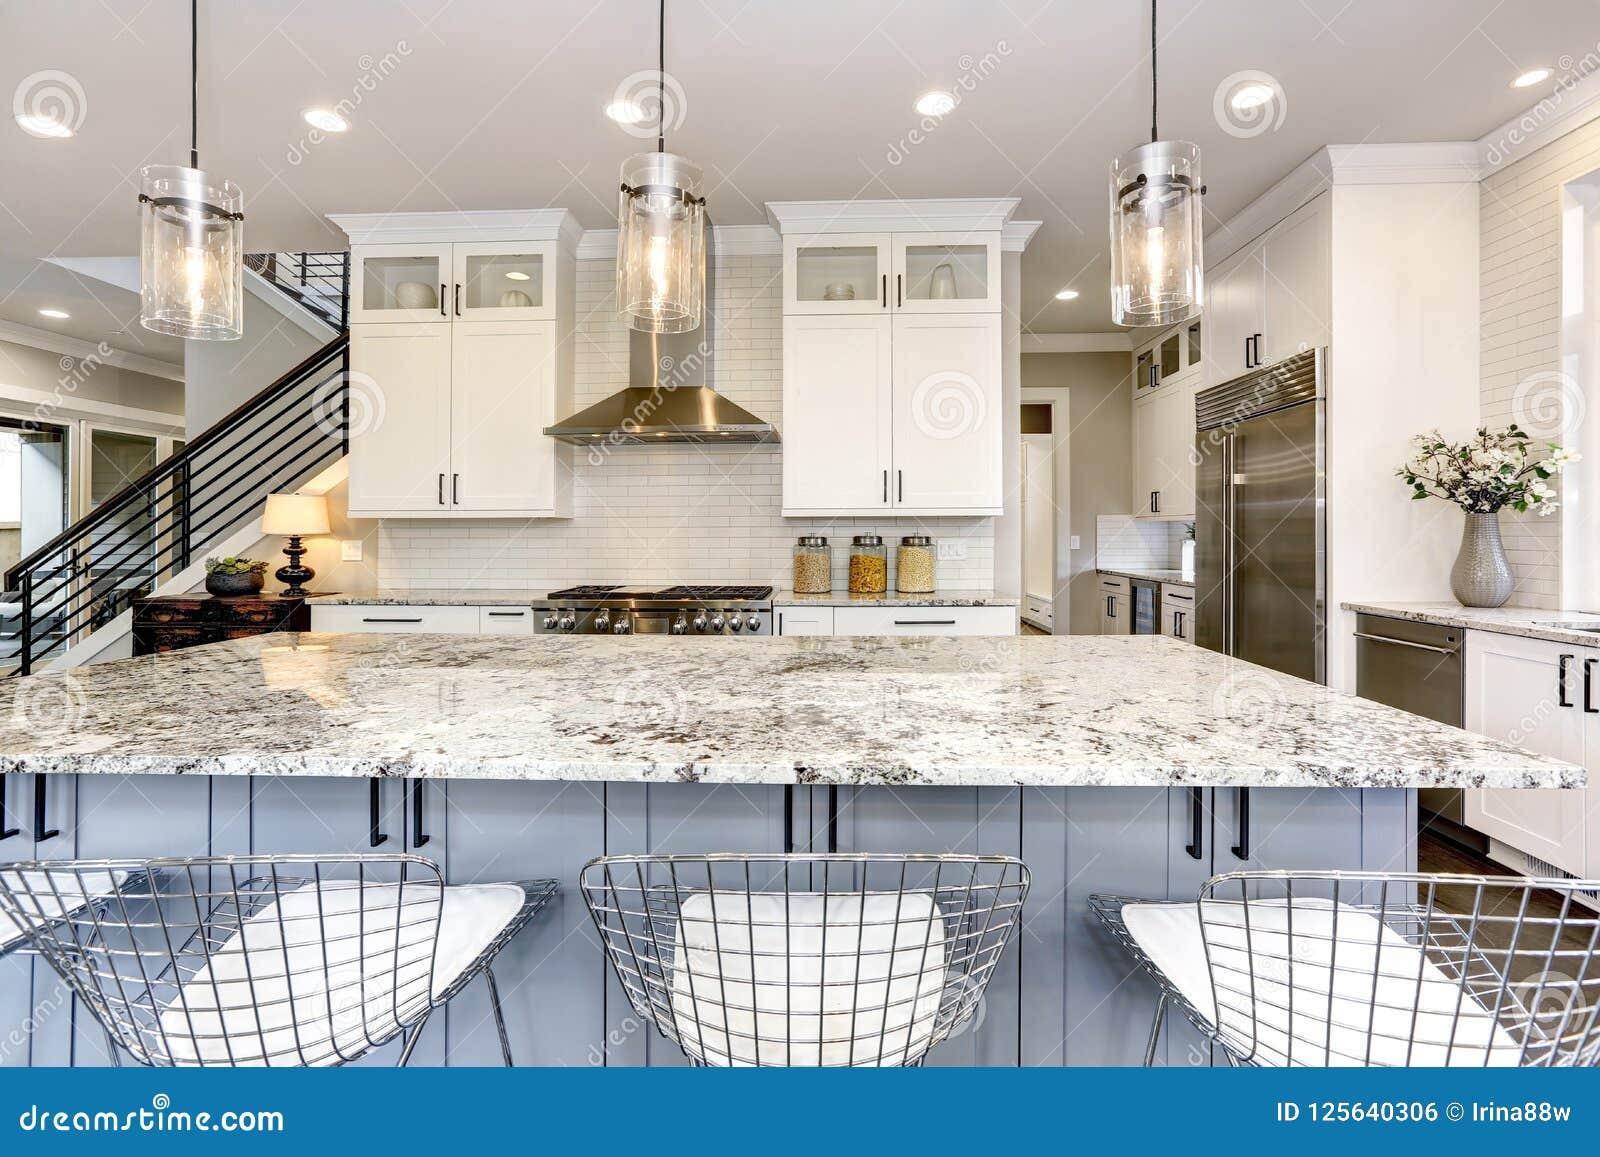 Cozinha bonita no interior home moderno luxuoso com ilha